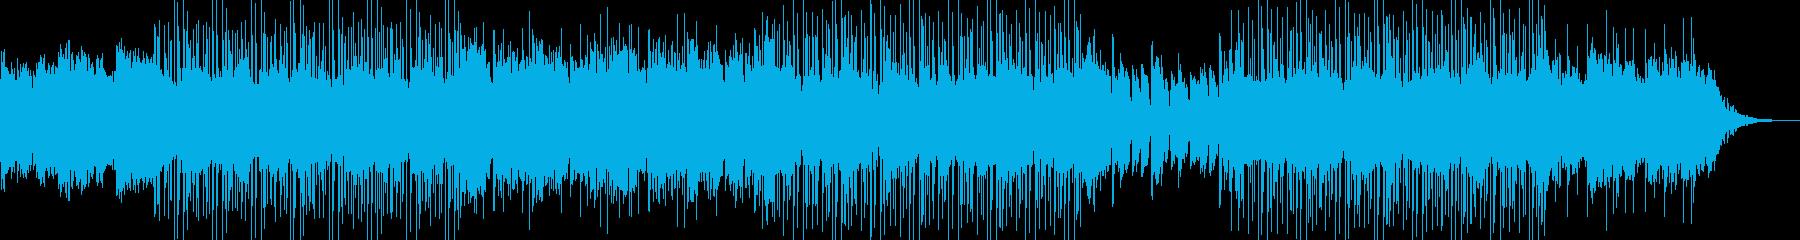 エレクトロニカ、緊張感、ミドルテンポの再生済みの波形